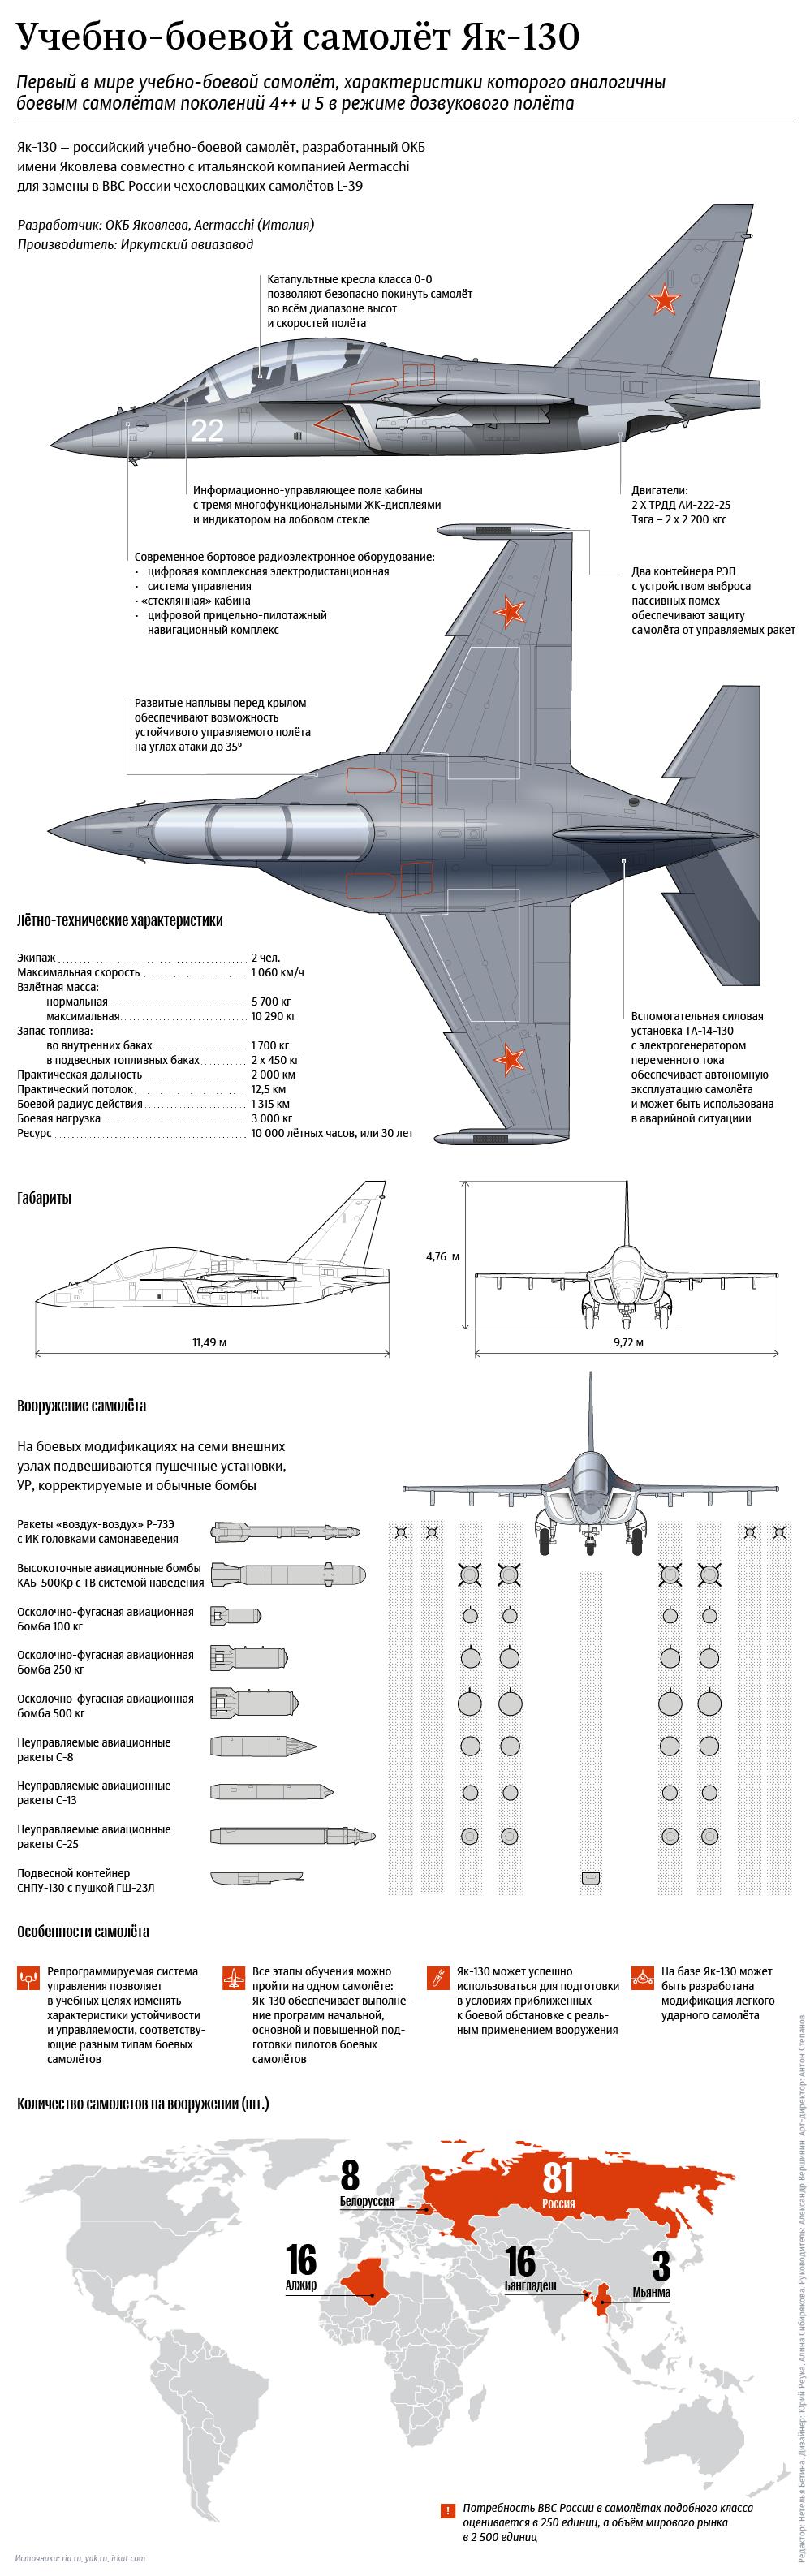 Учебно-боевой самолет